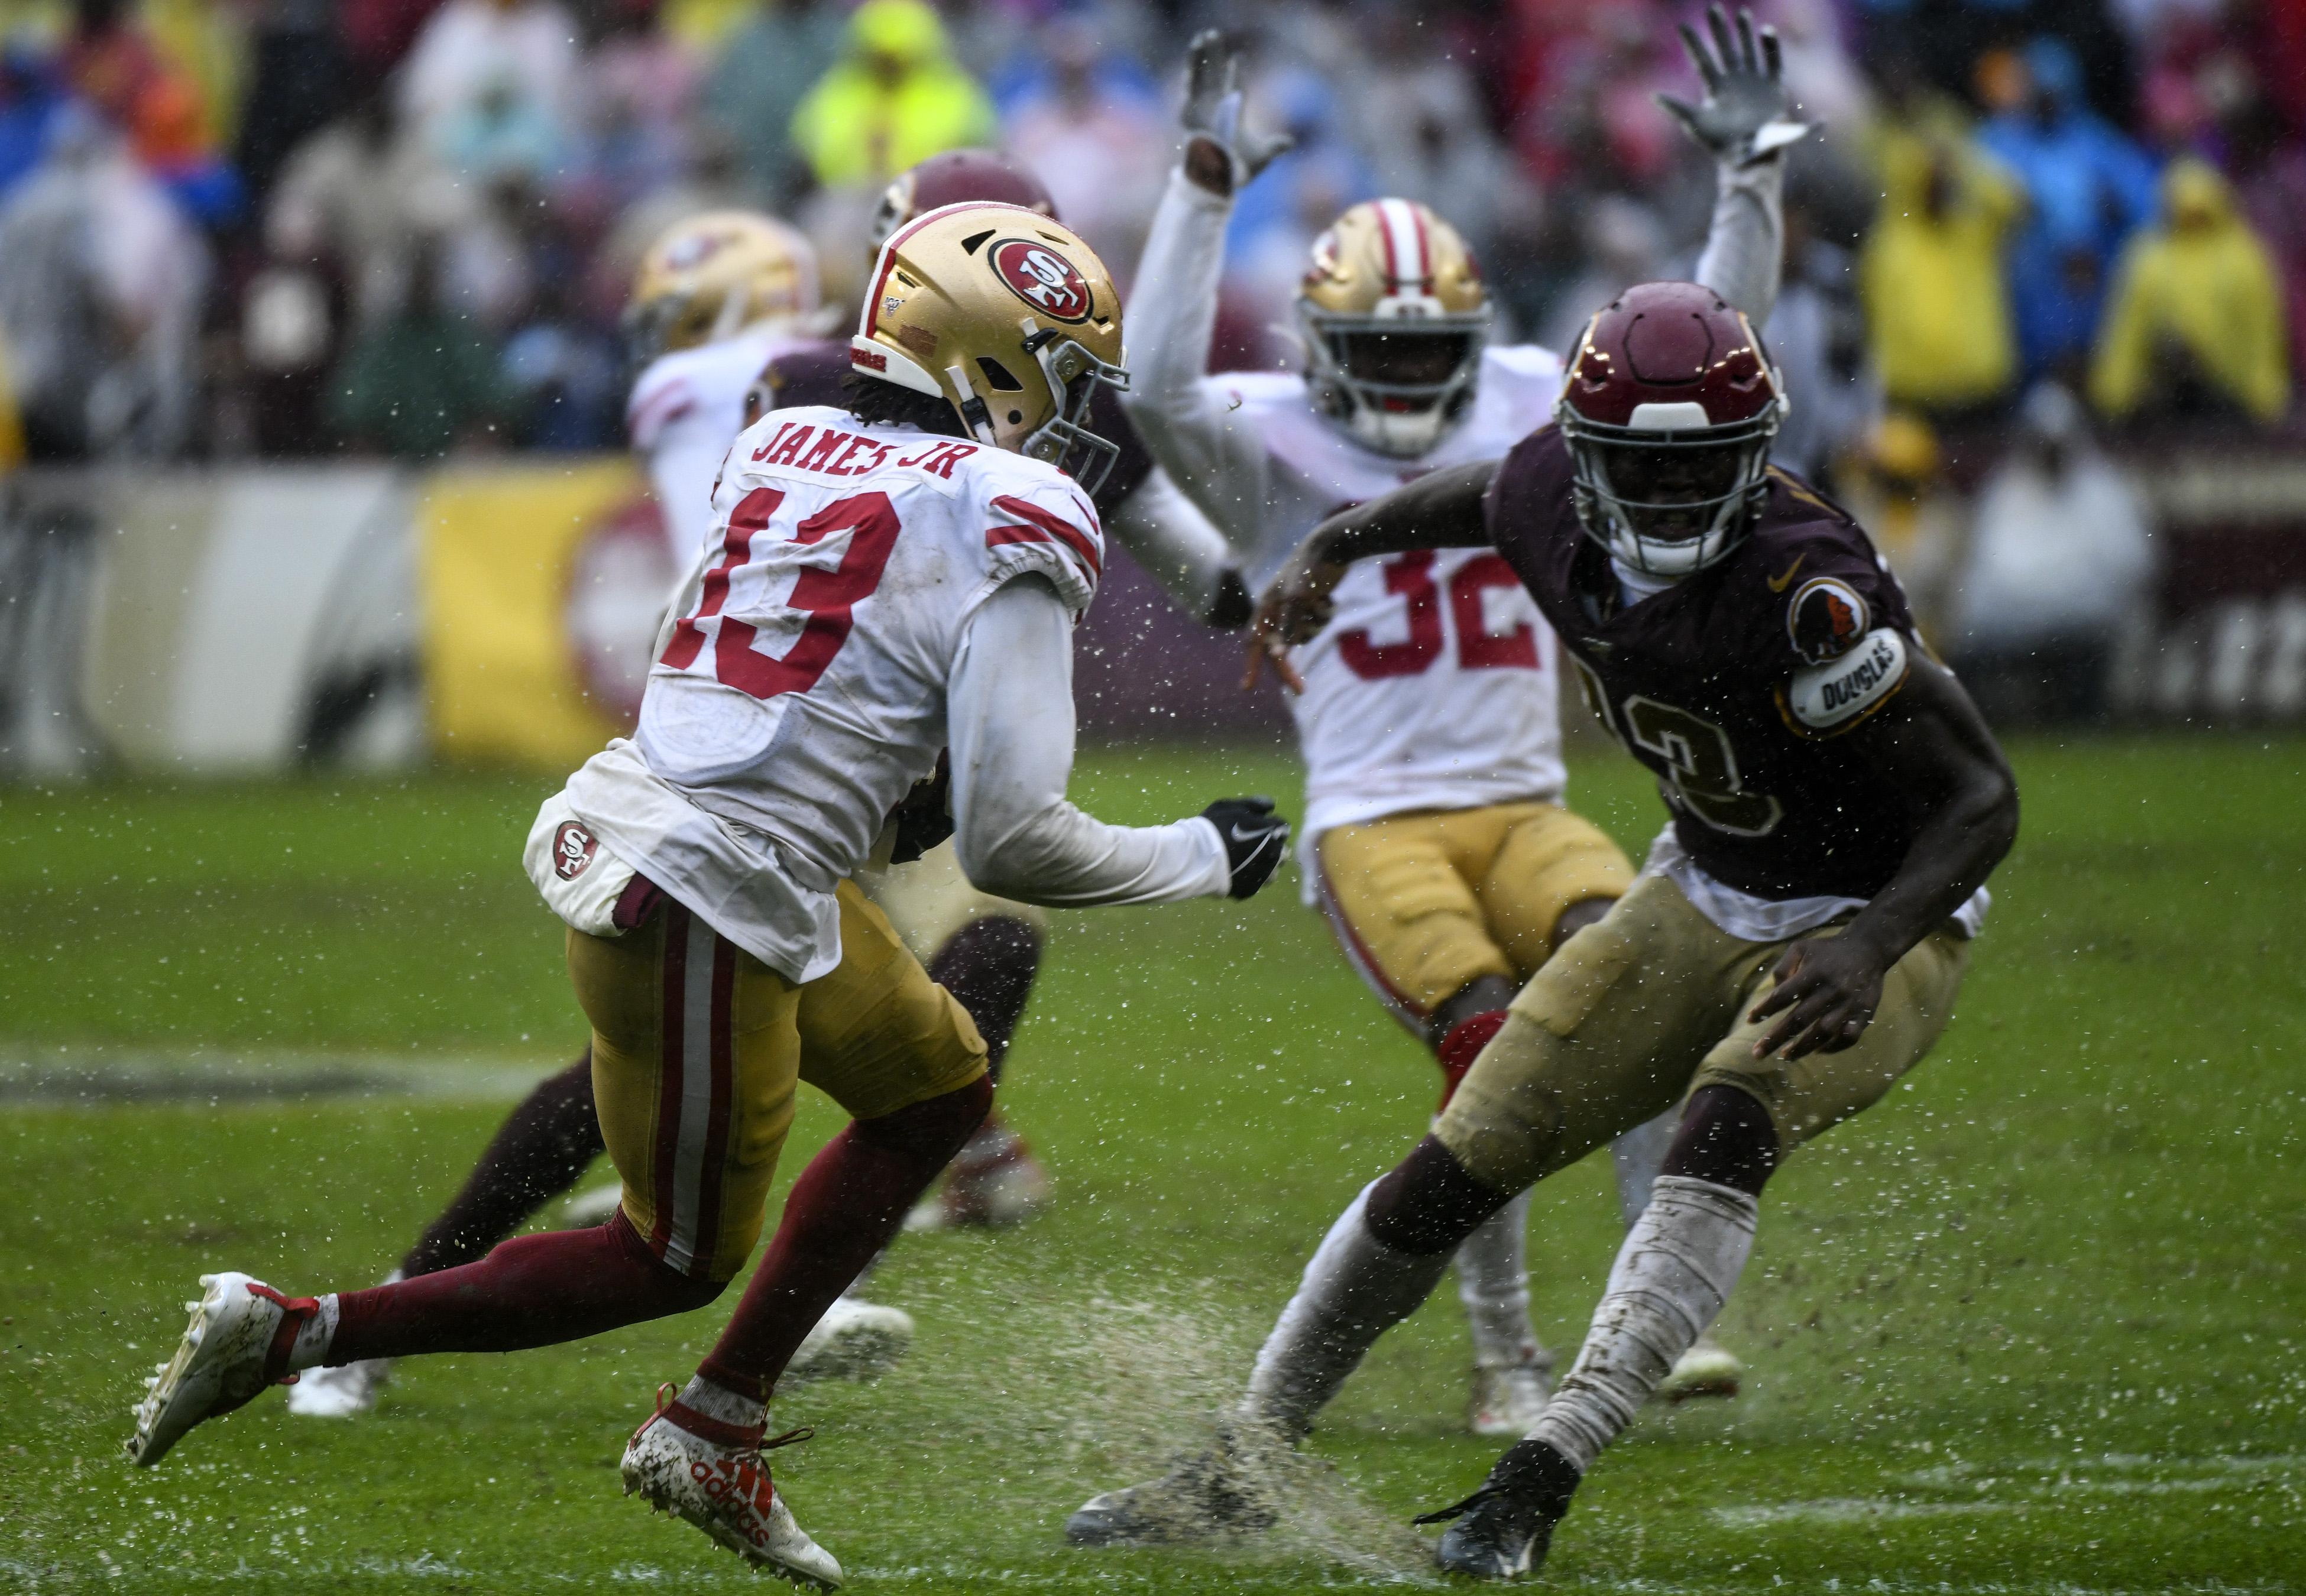 NFL: OCT 20 49ers at Redskins